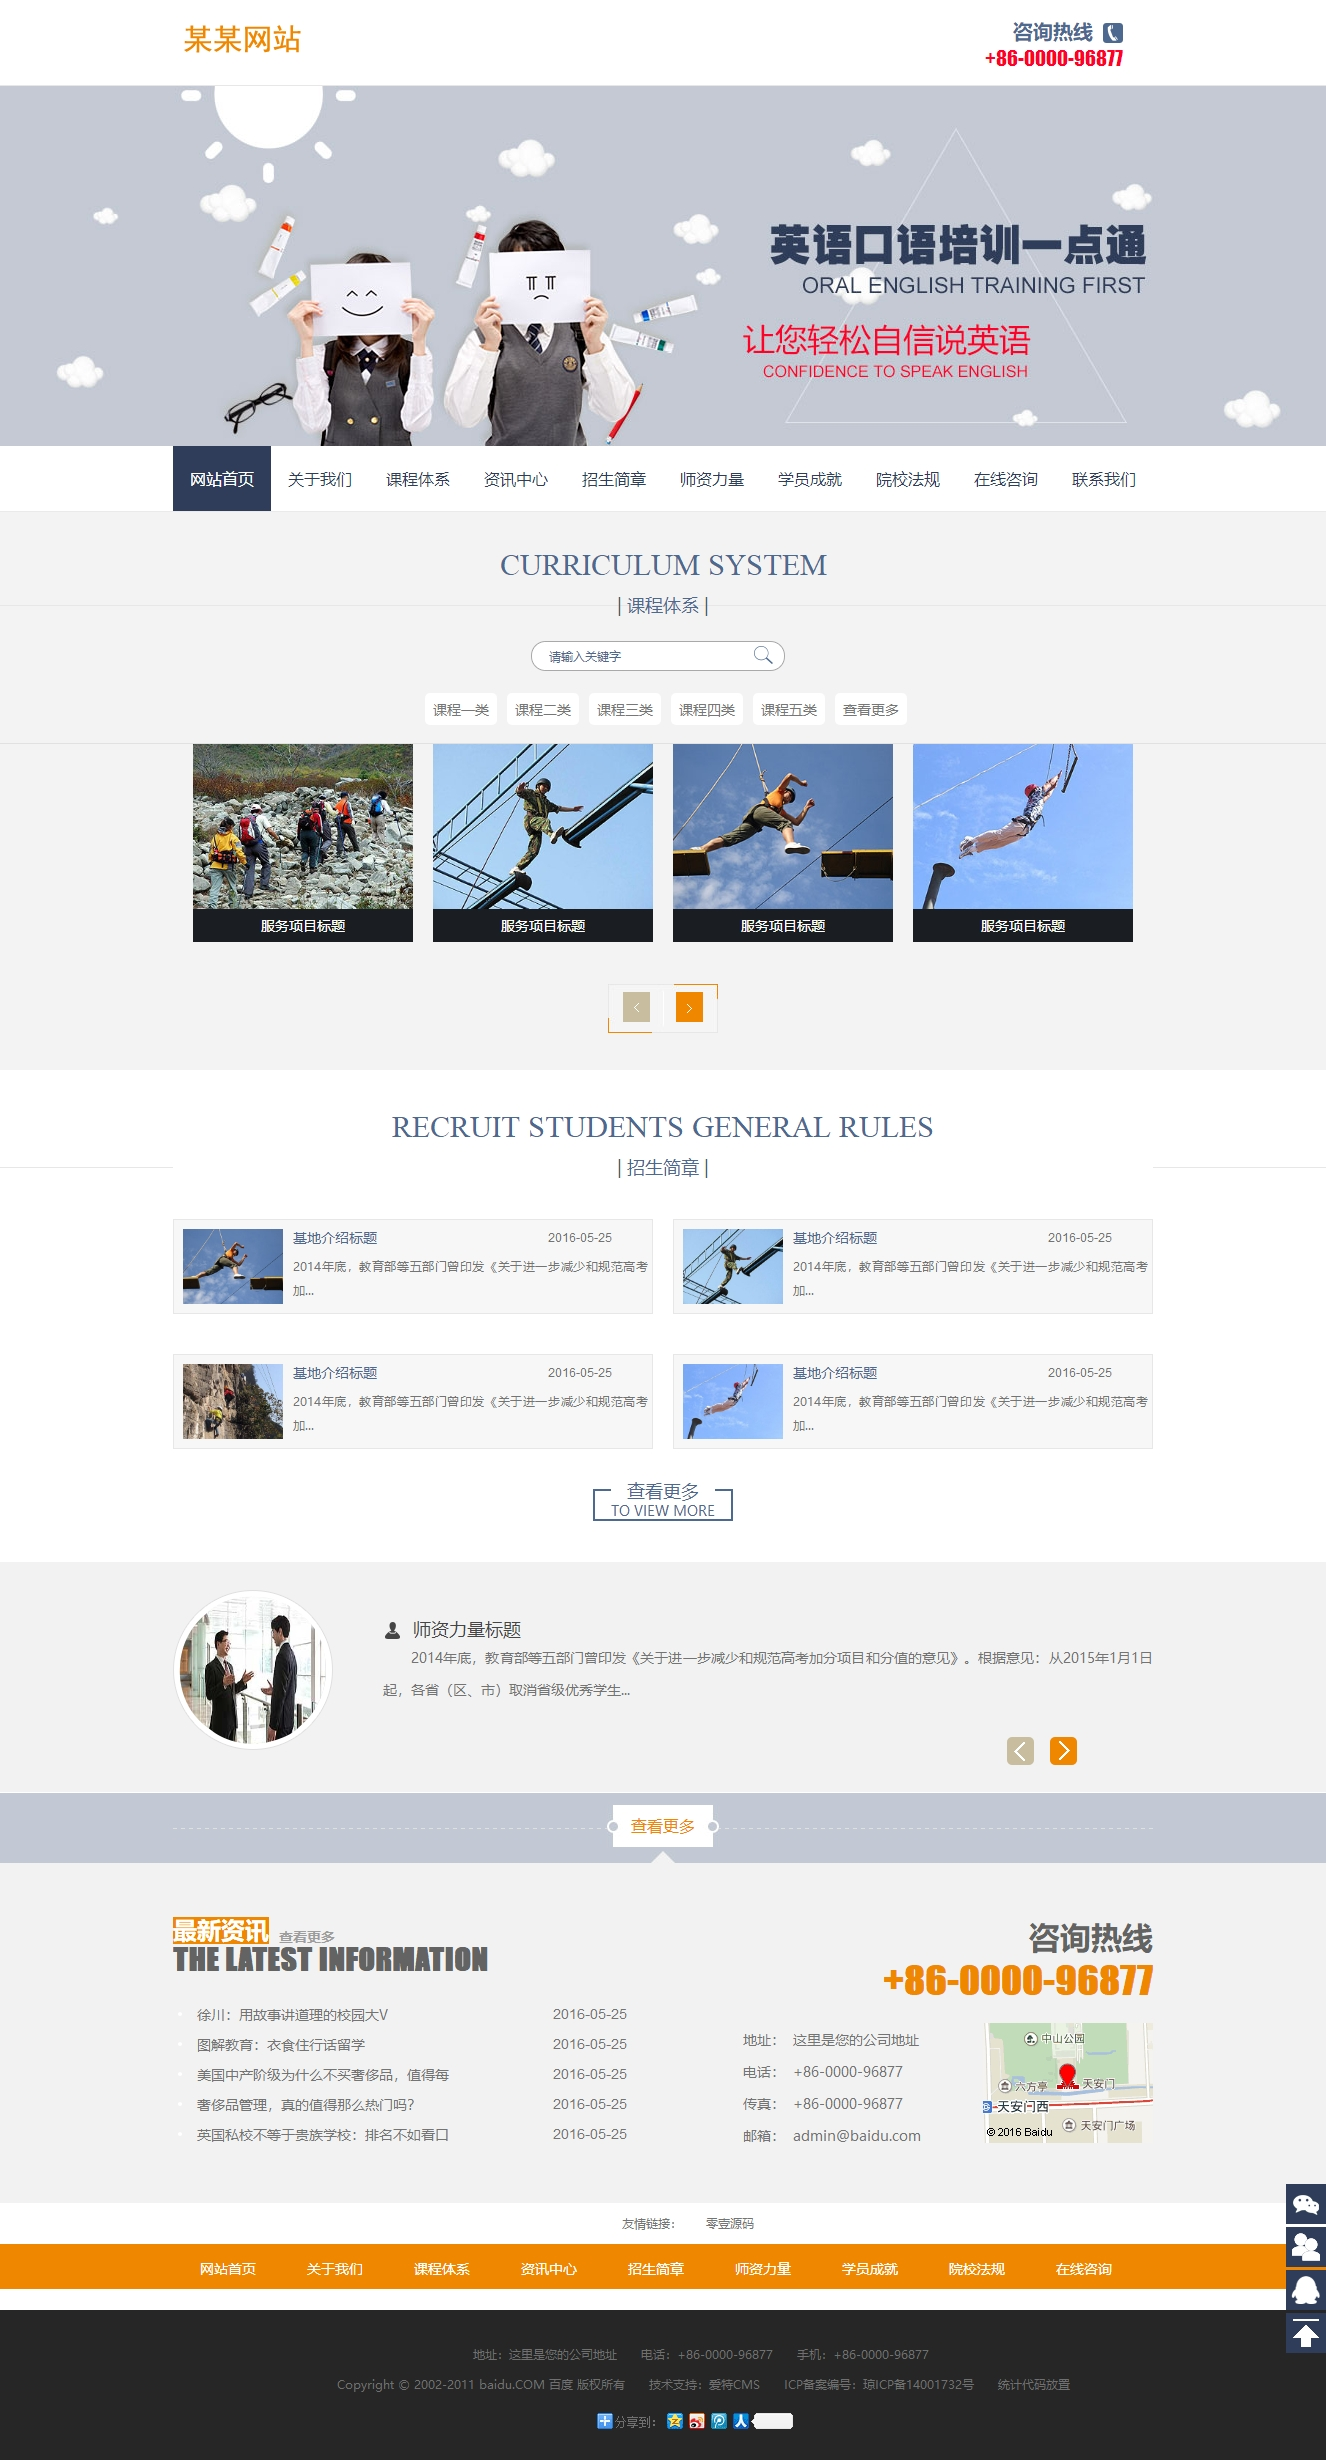 教育培训行业网站源码织梦dedecms模板(带手机端)